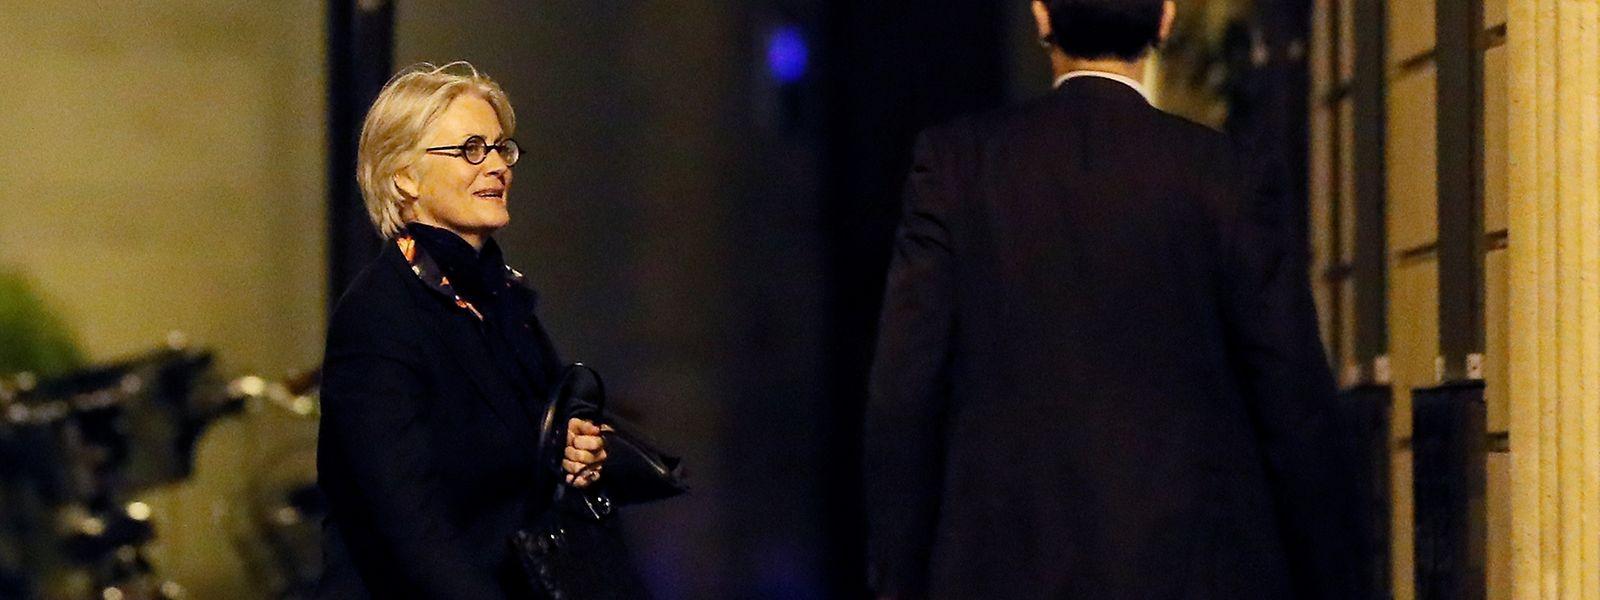 Penelope Fillon wird unter anderem der Beihilfe zur Hinterziehung von Staatsgeldern verdächtigt.